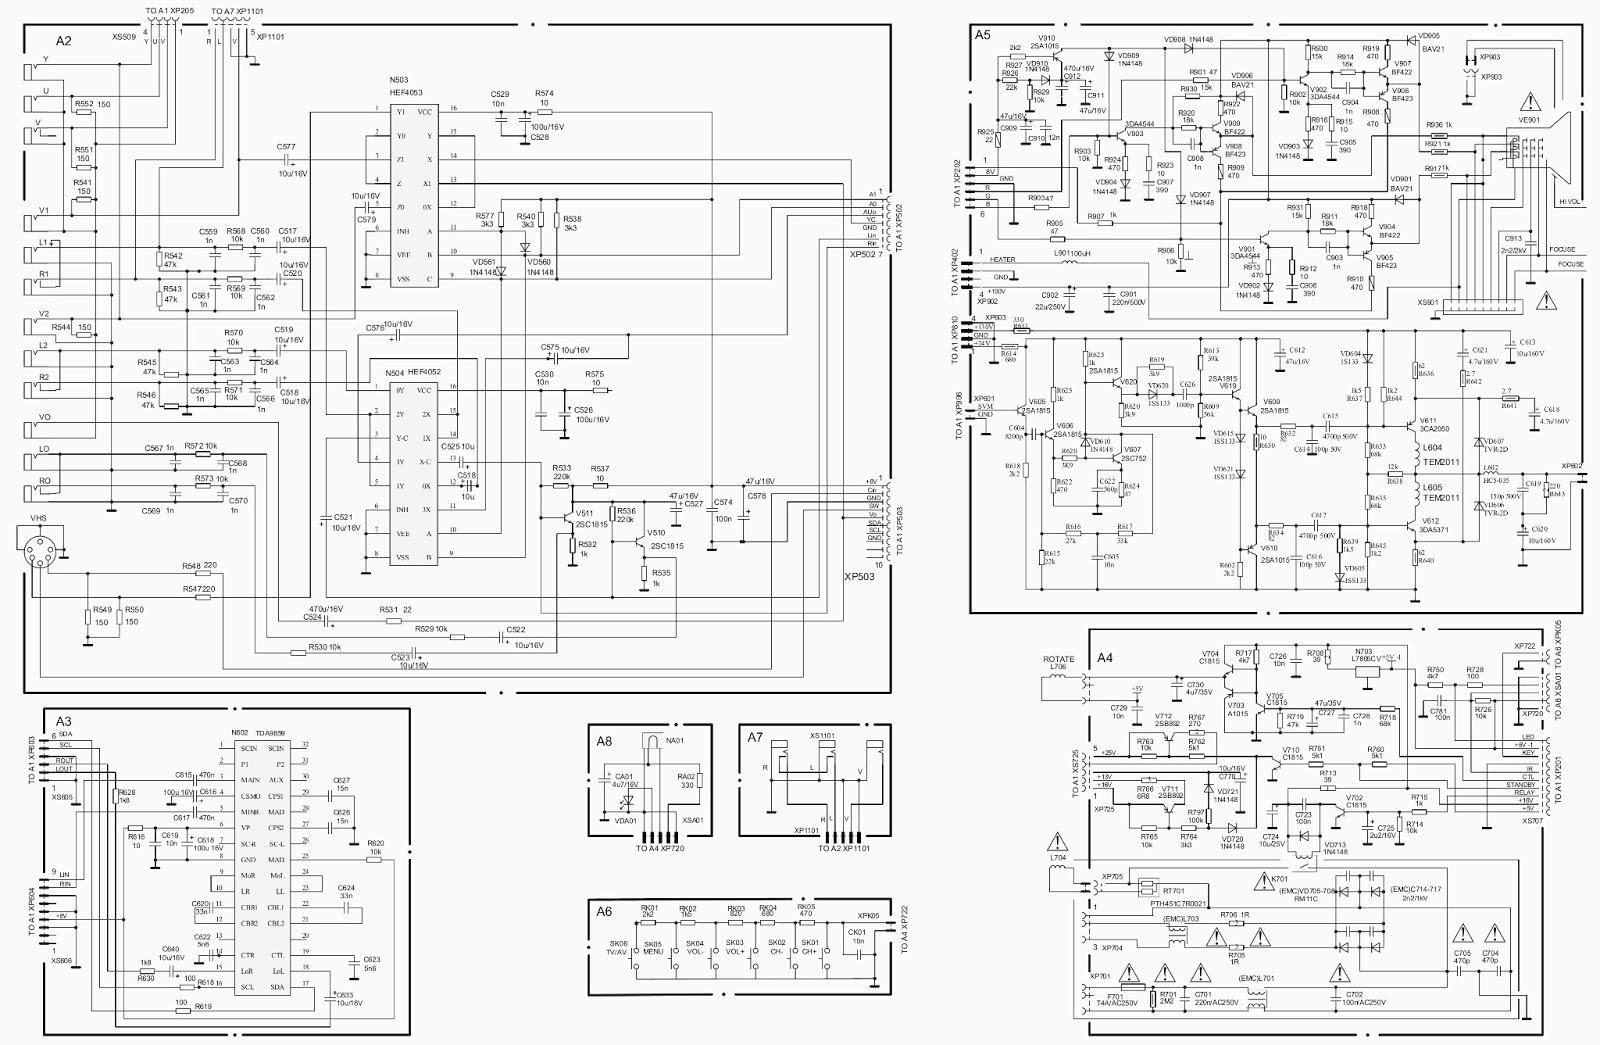 StormwaterBMPManual -- NC BMP Manual Updates